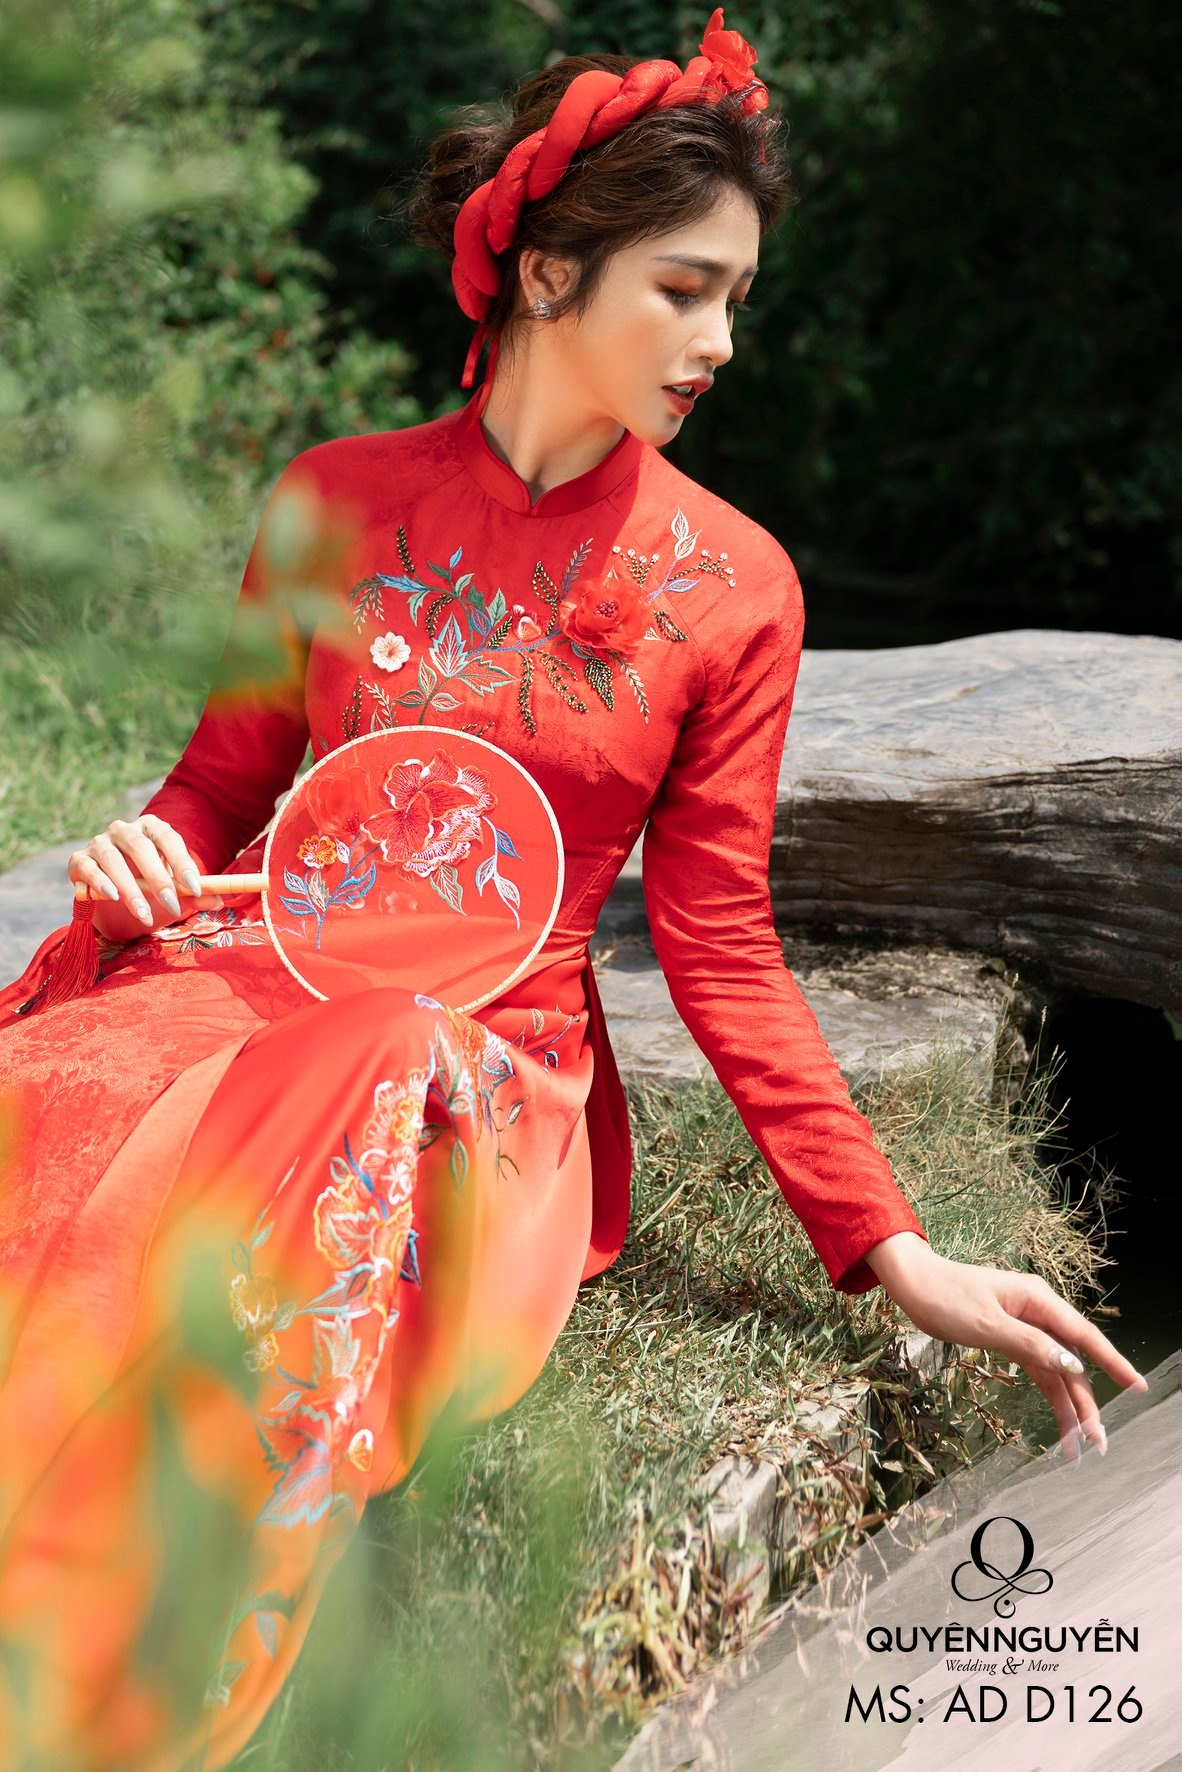 Áo dài màu đỏ với bông hoa được đính nổi bật bên ngực trái